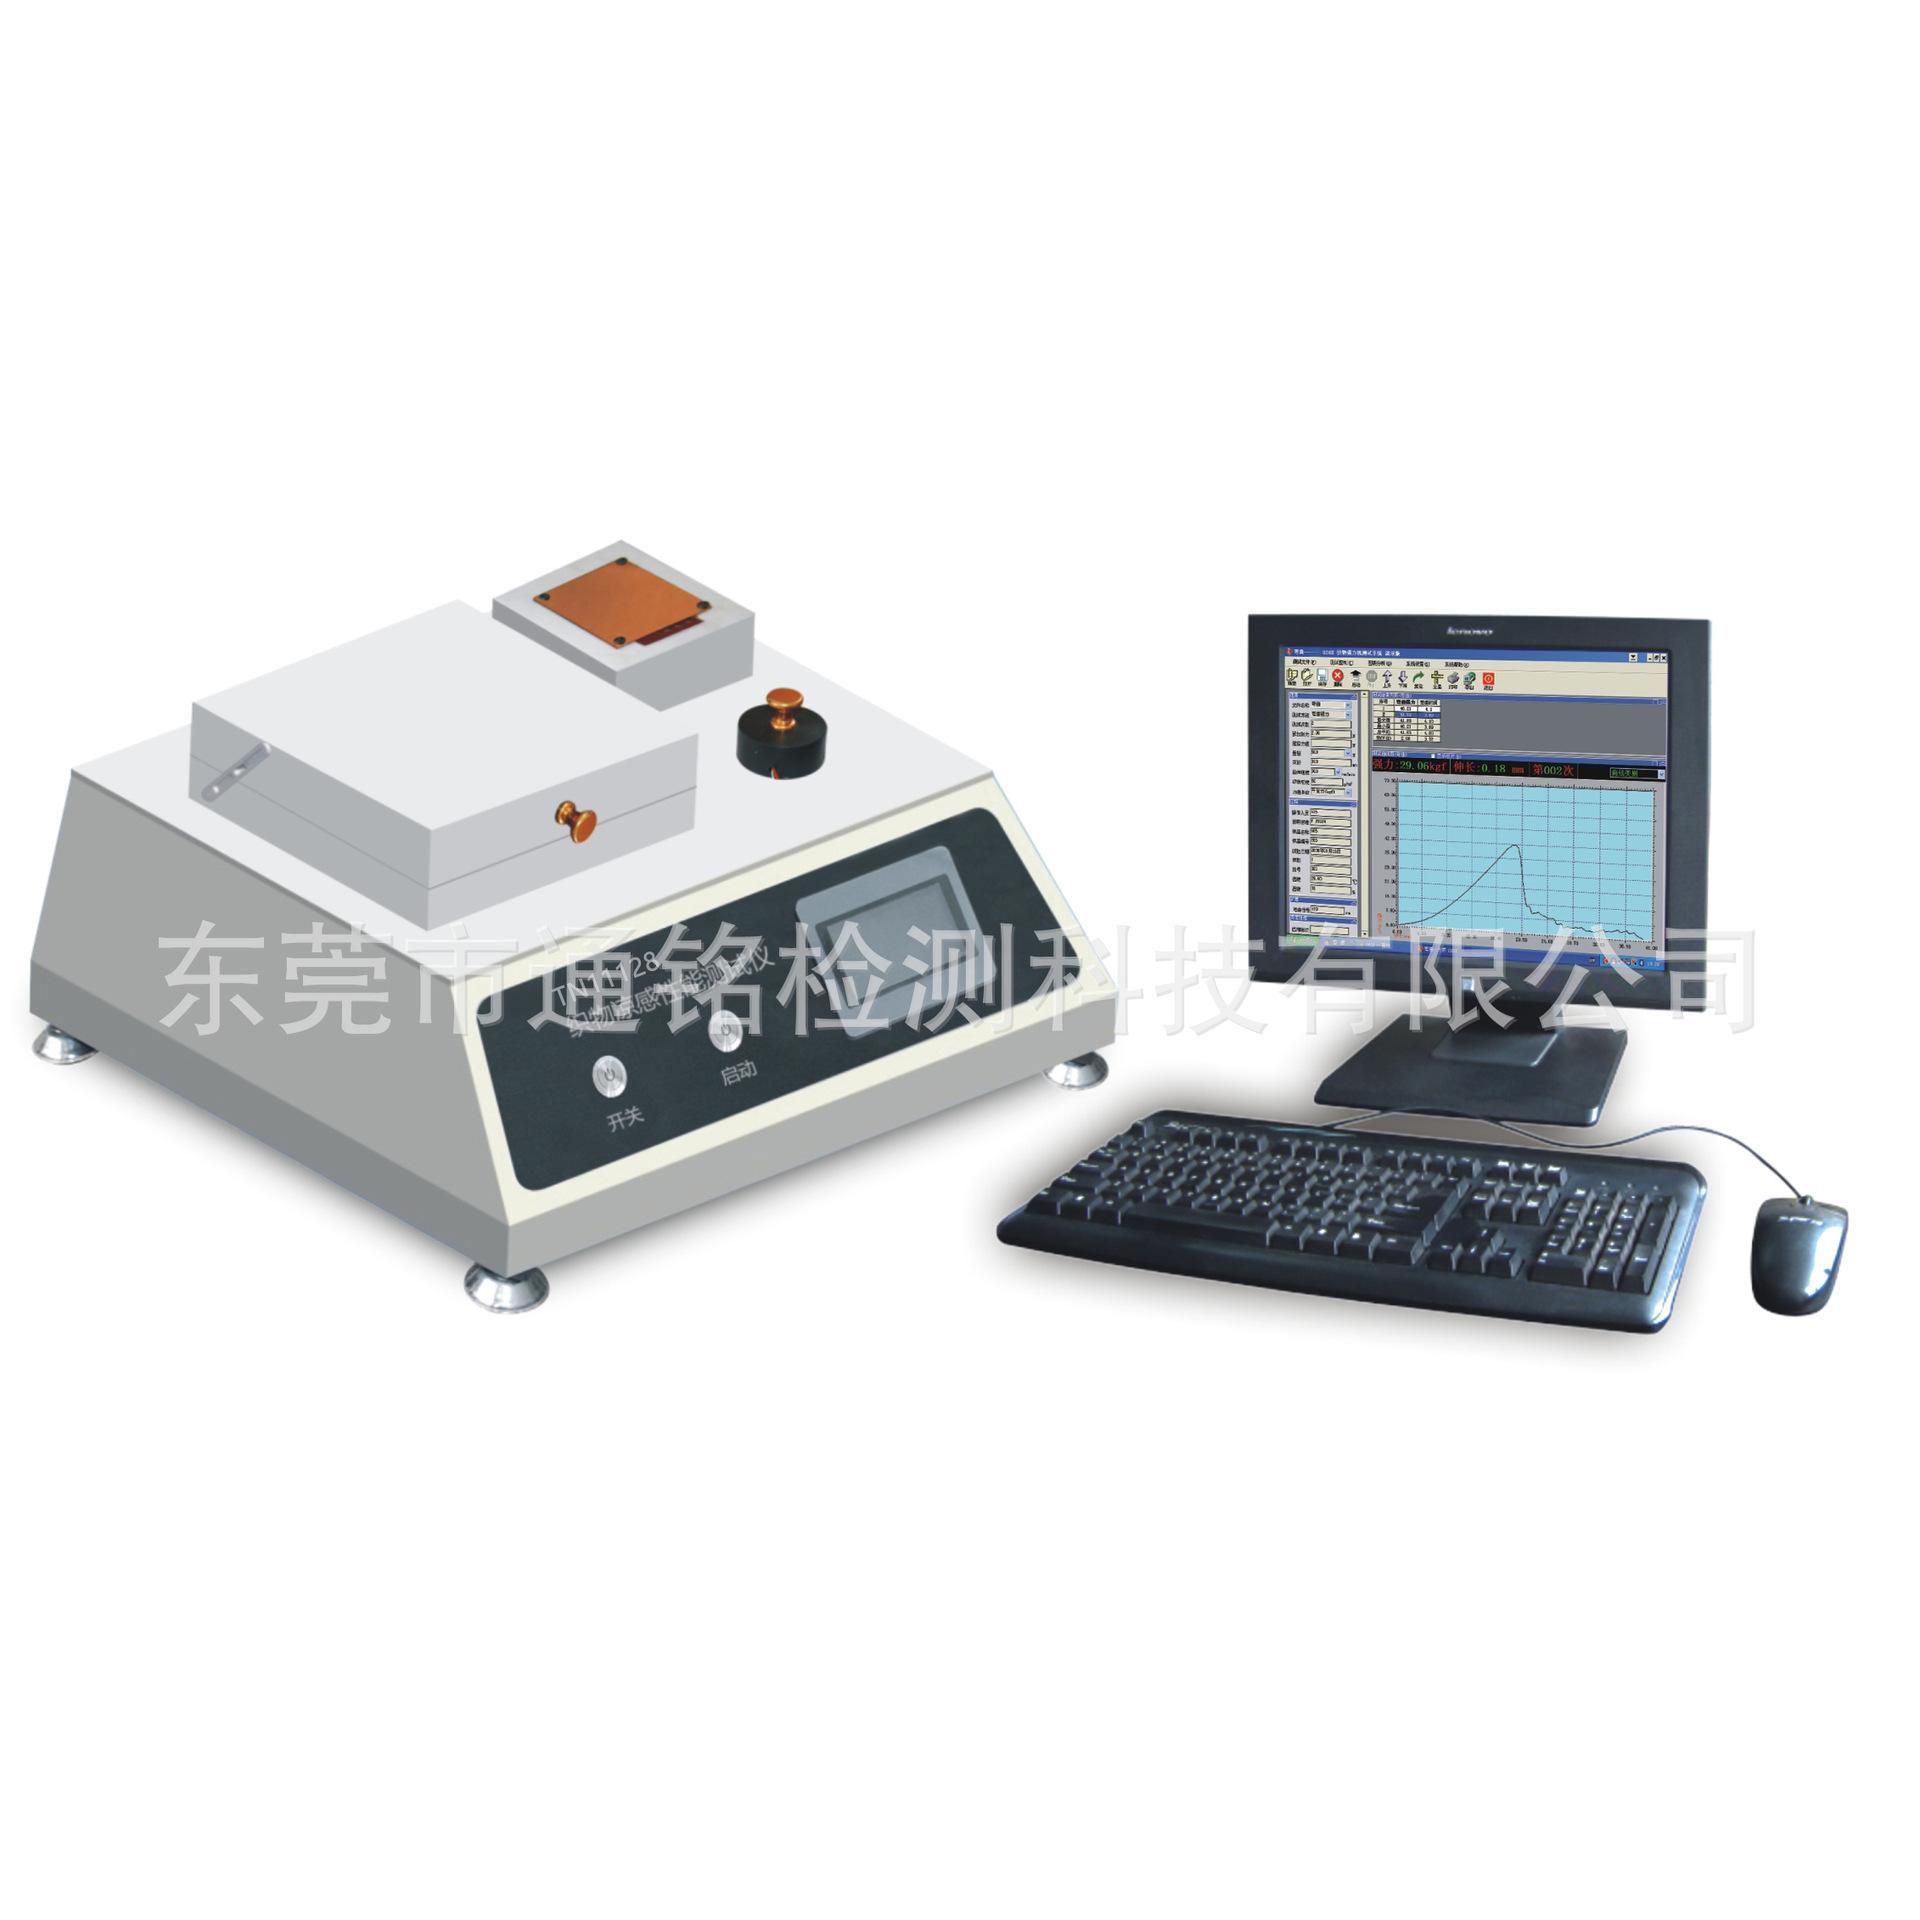 凉感性能测定仪 ,织物接触凉感系数测试仪GB/T 35263-2017前卫 1